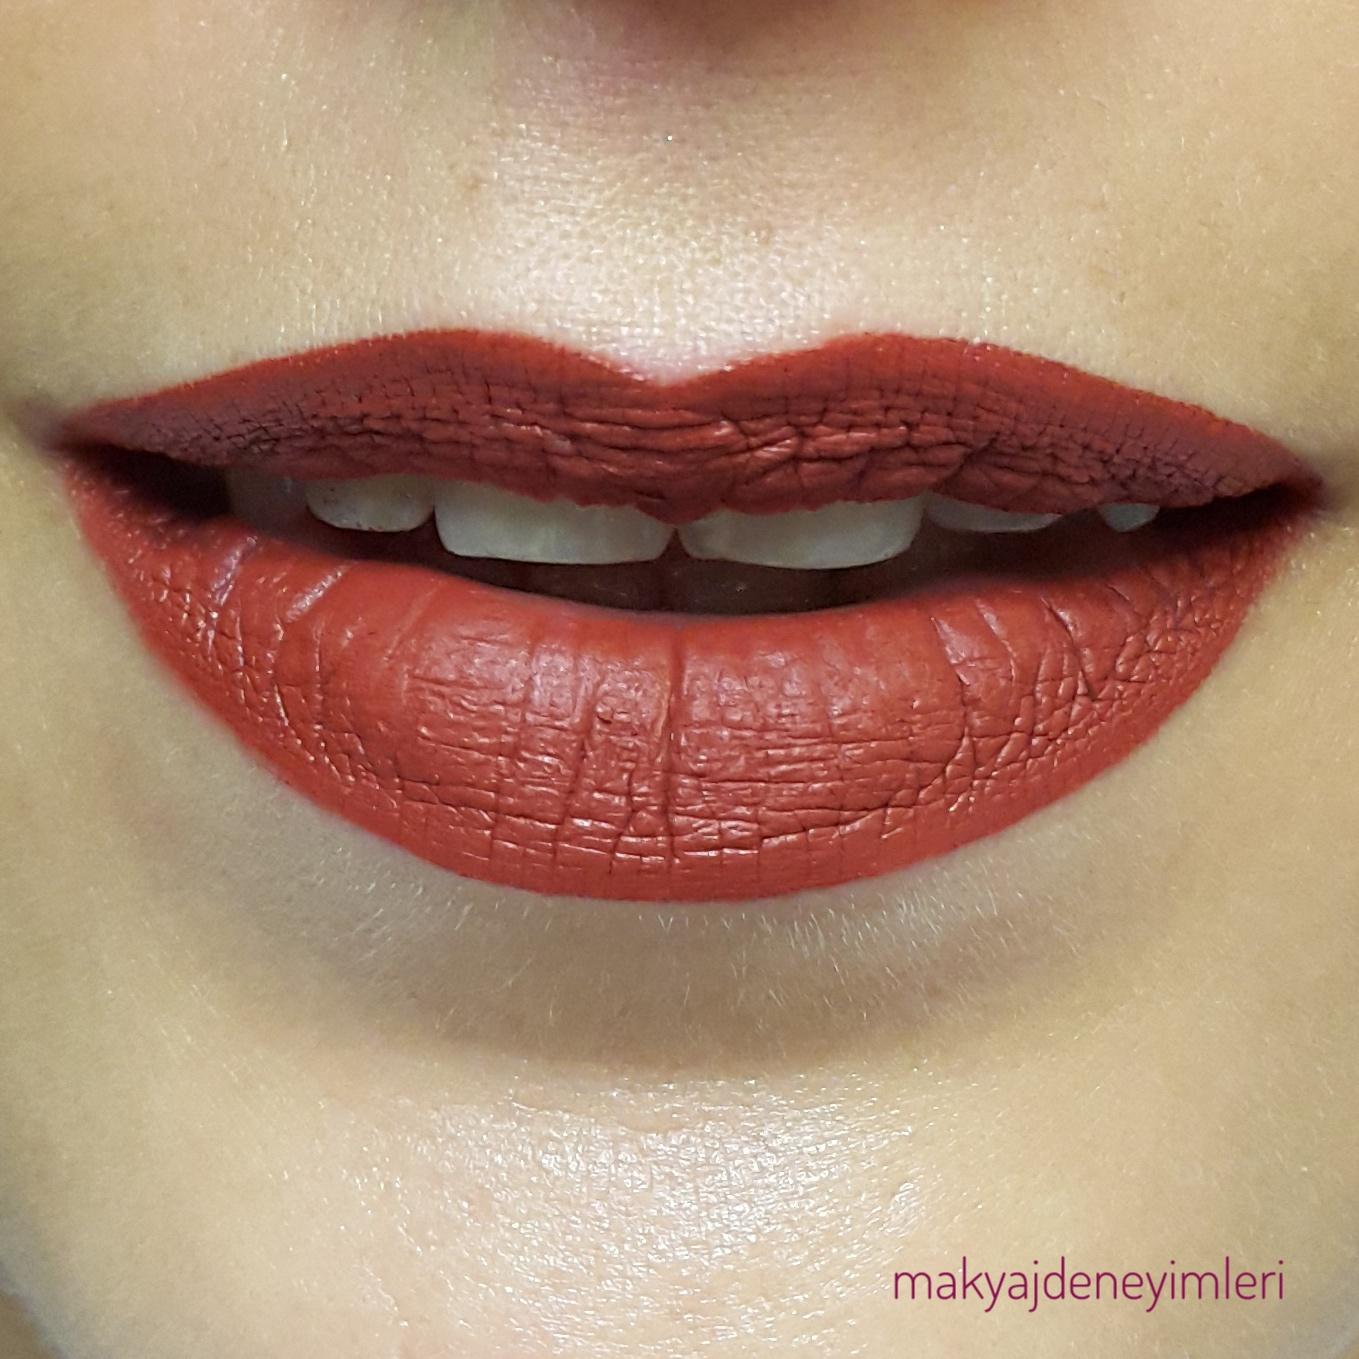 Sephora Cream Lip Stain Likit Mat Ruj 25 Numara Makyaj Deneyimleri